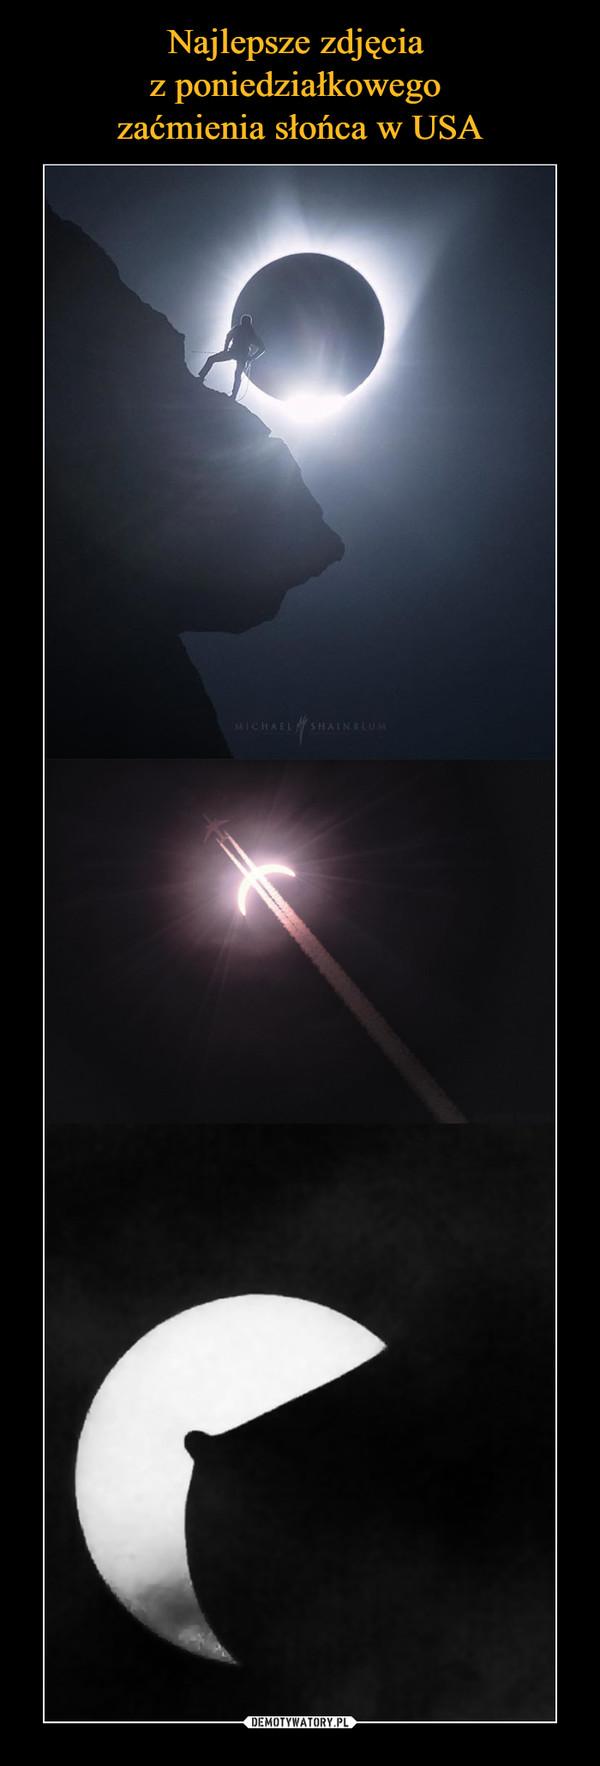 Najlepsze zdjęcia  z poniedziałkowego  zaćmienia słońca w USA